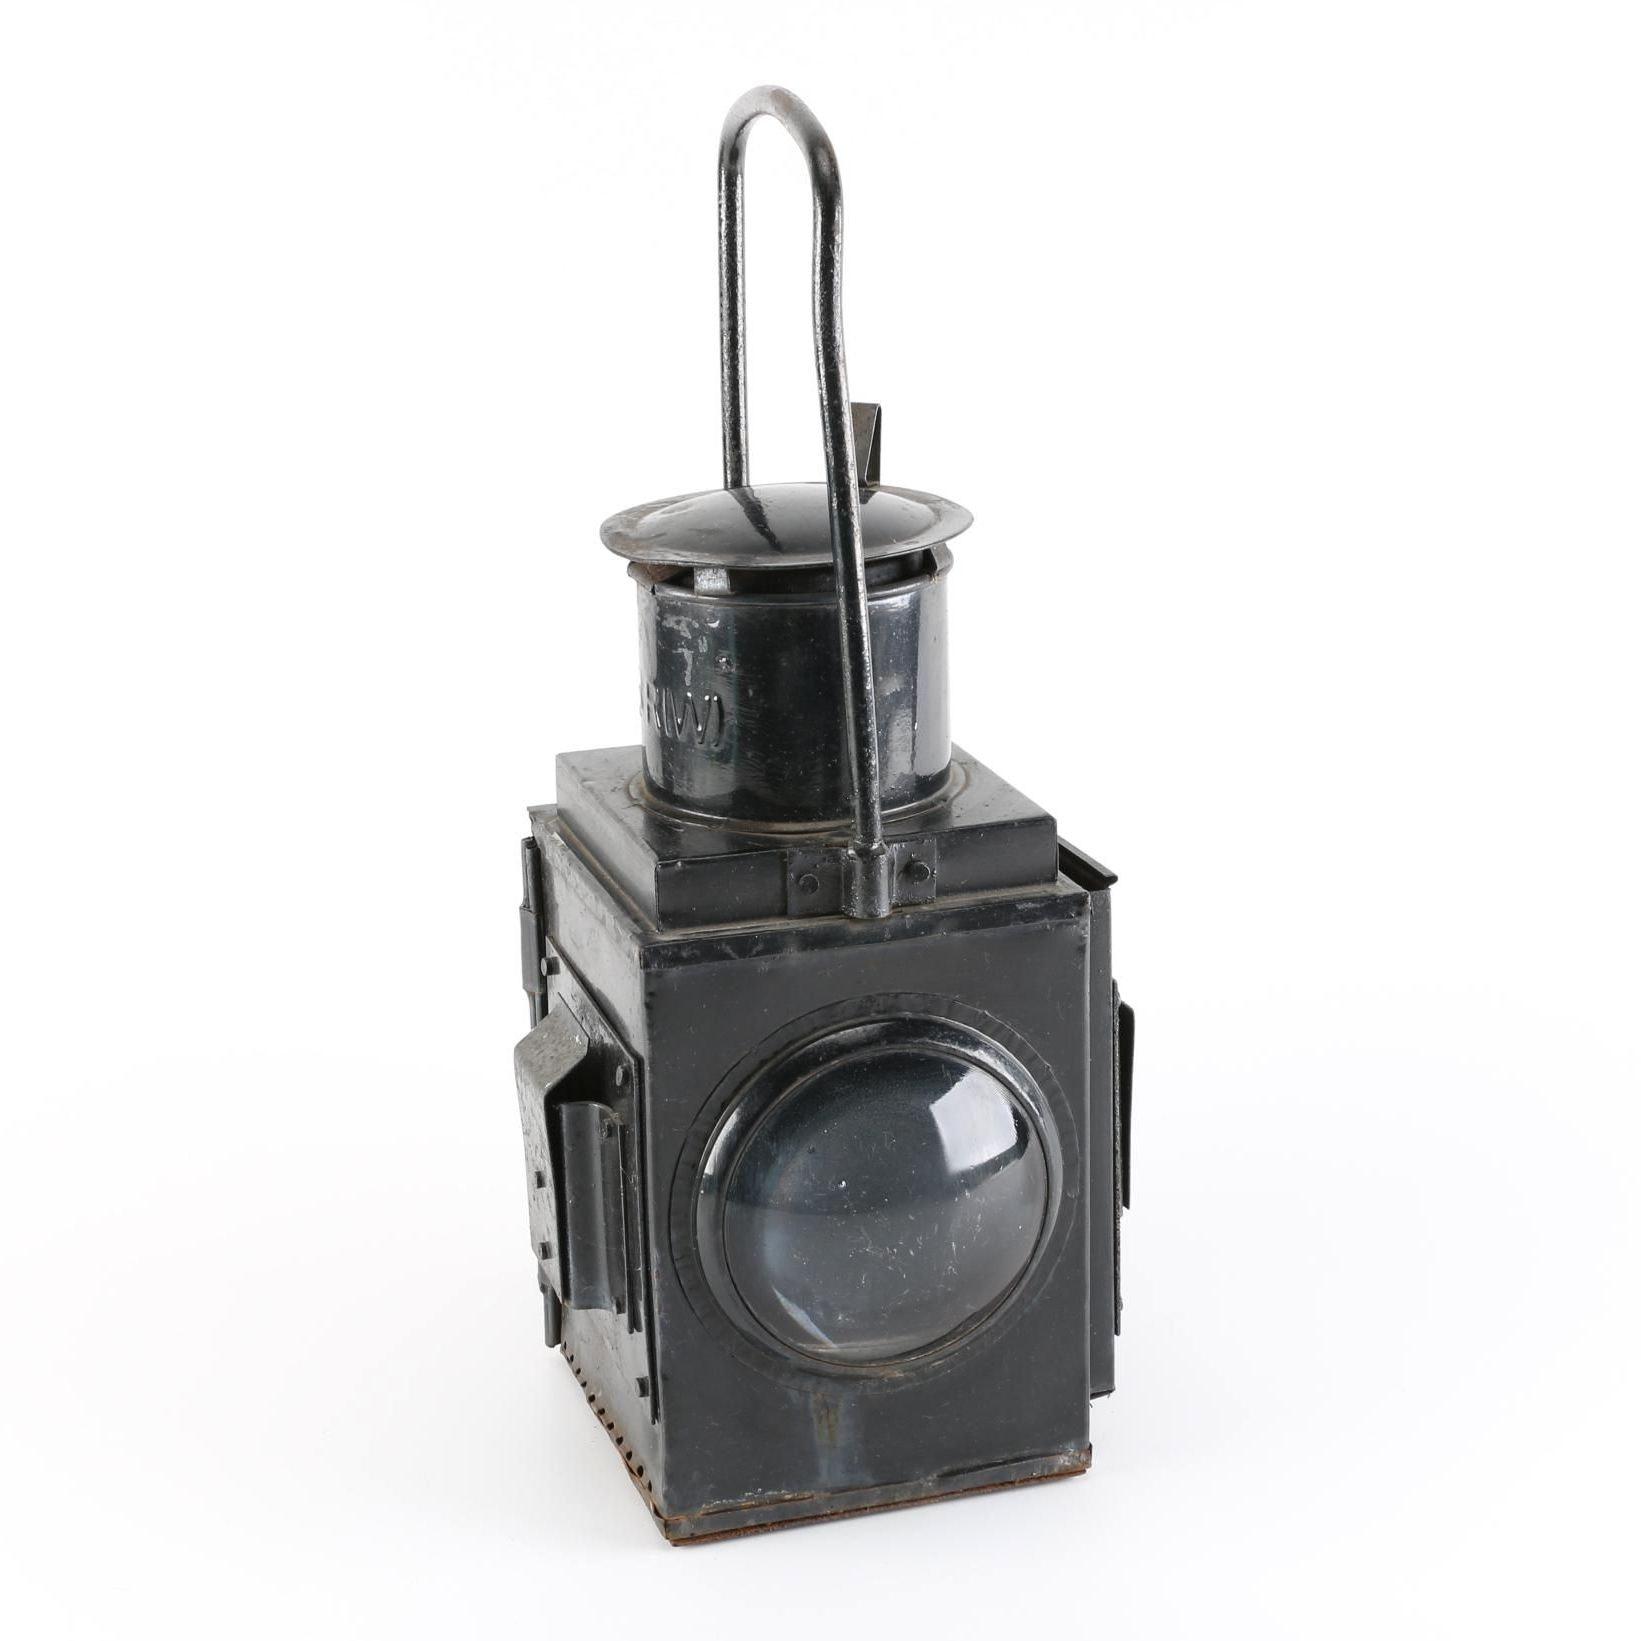 Vintage British Railway Lantern